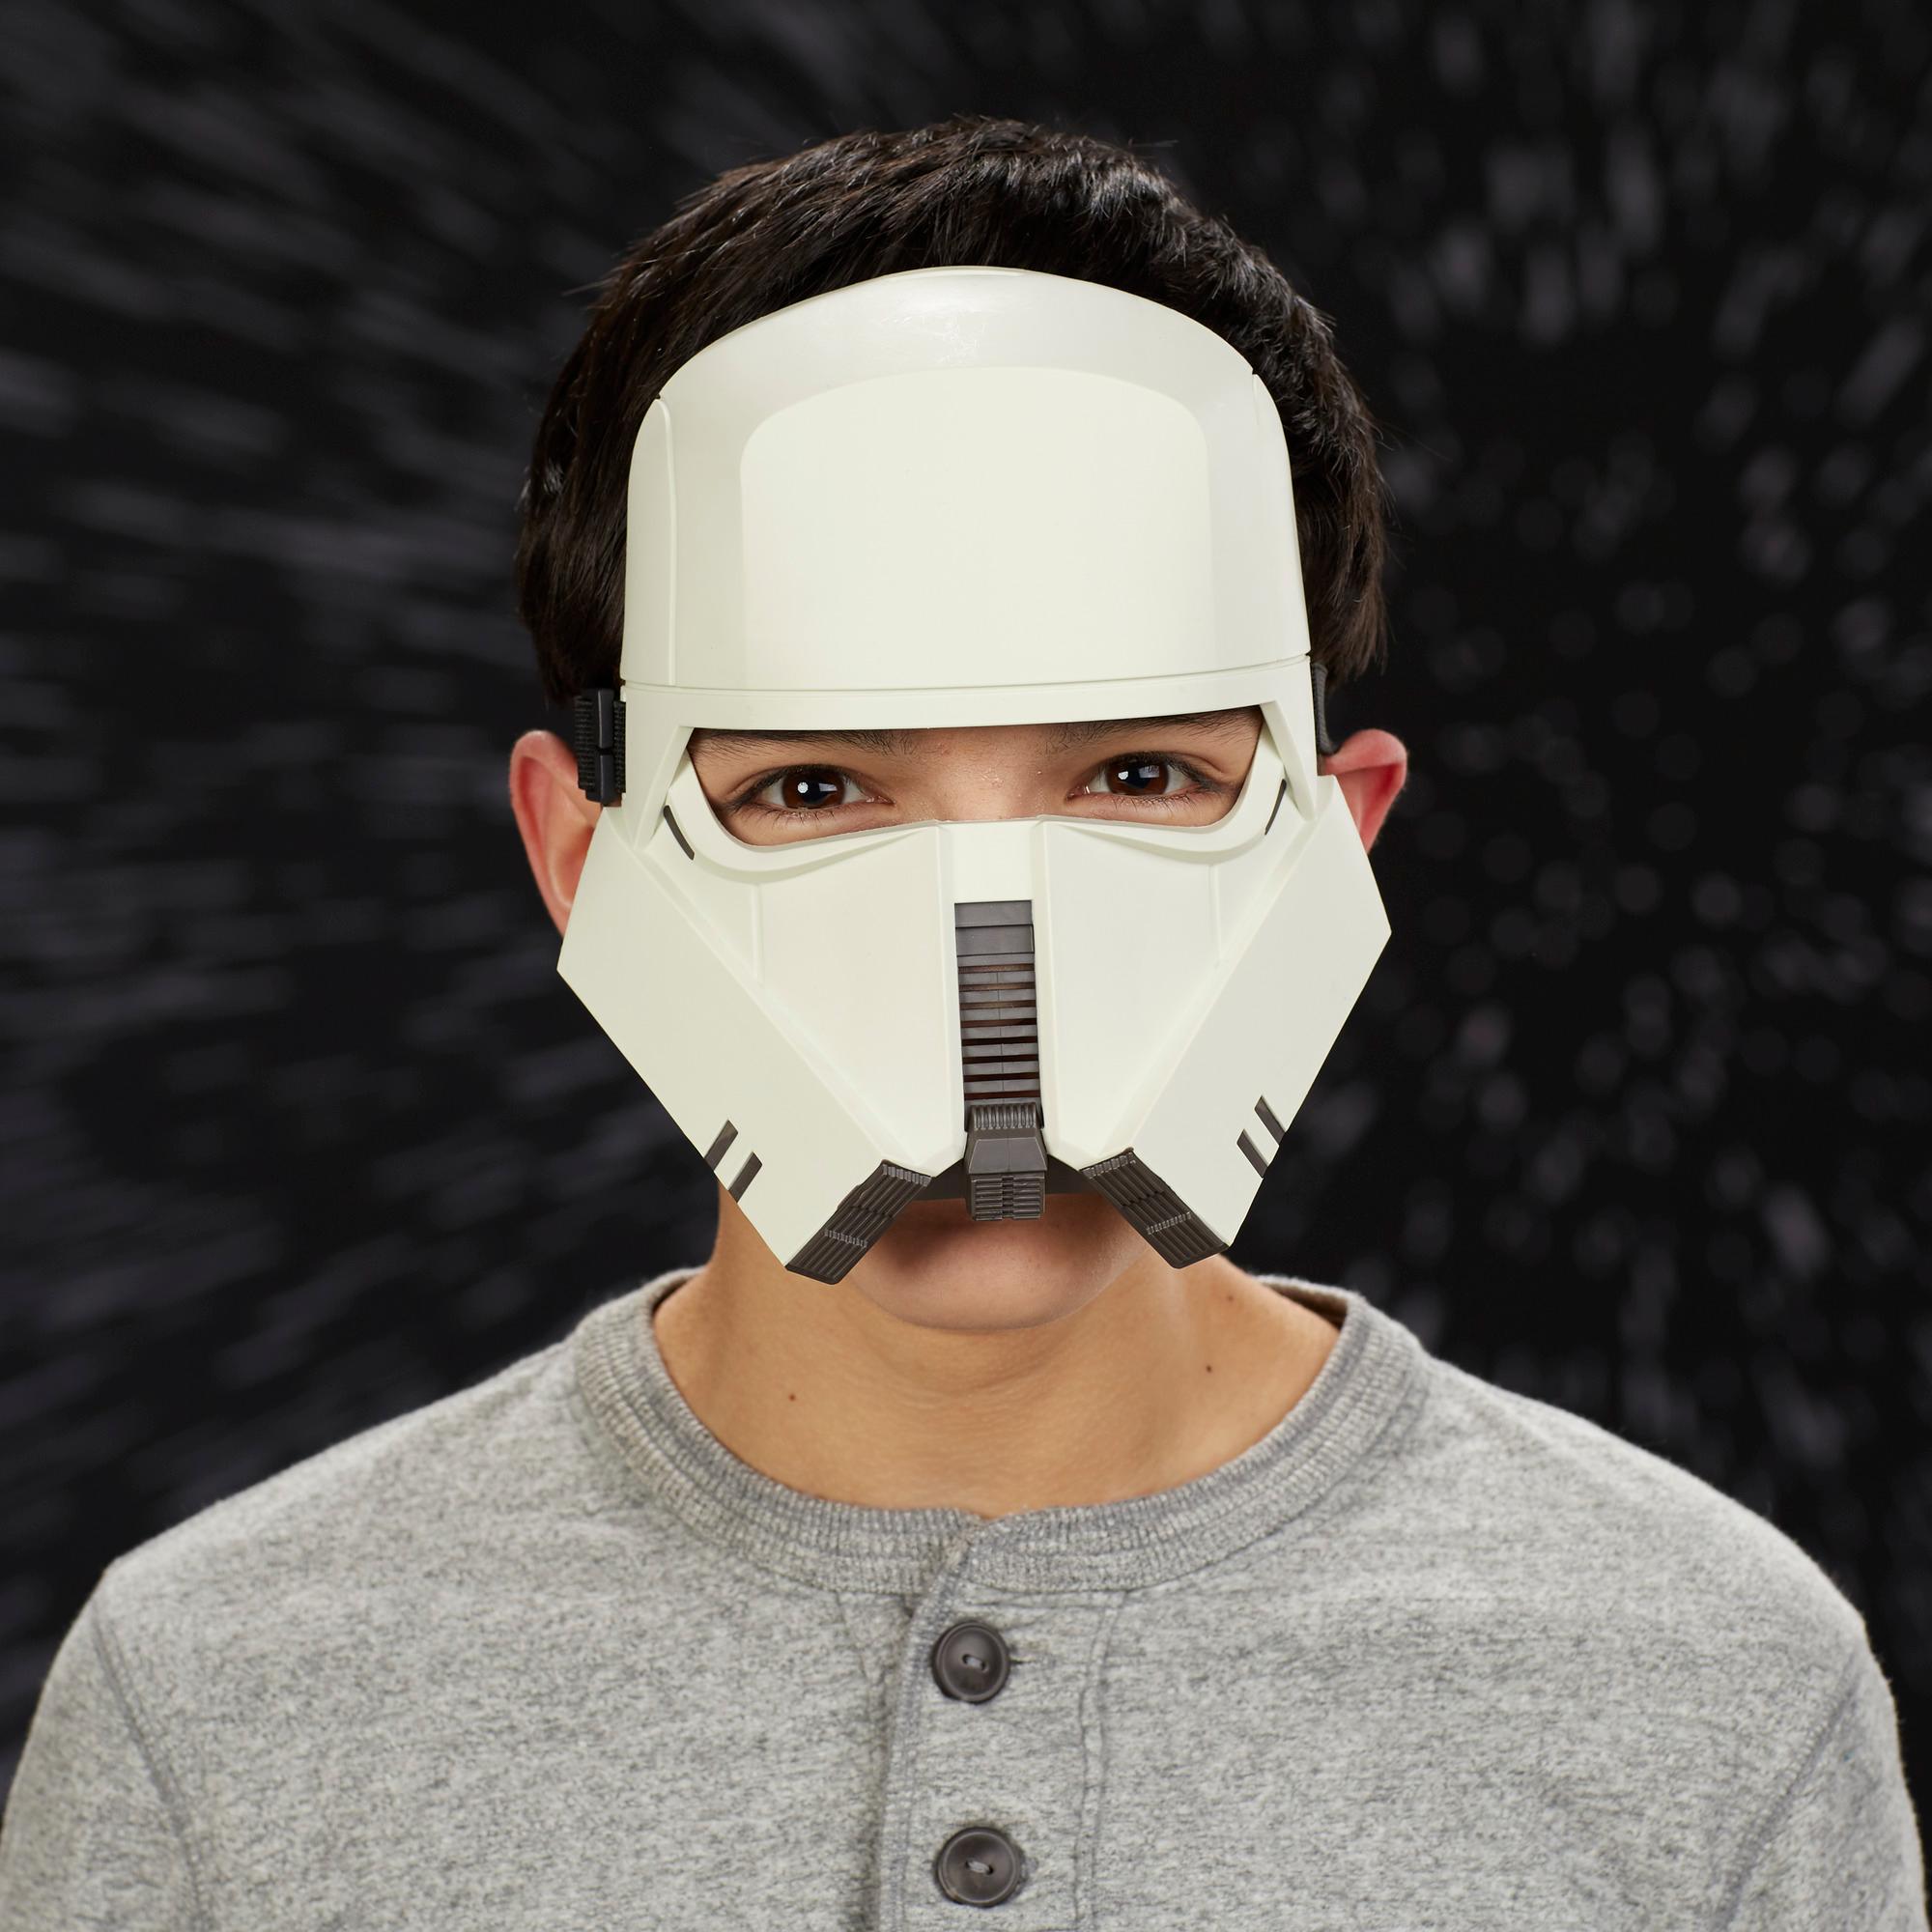 Star Wars Han Solo Range Trooper Mask